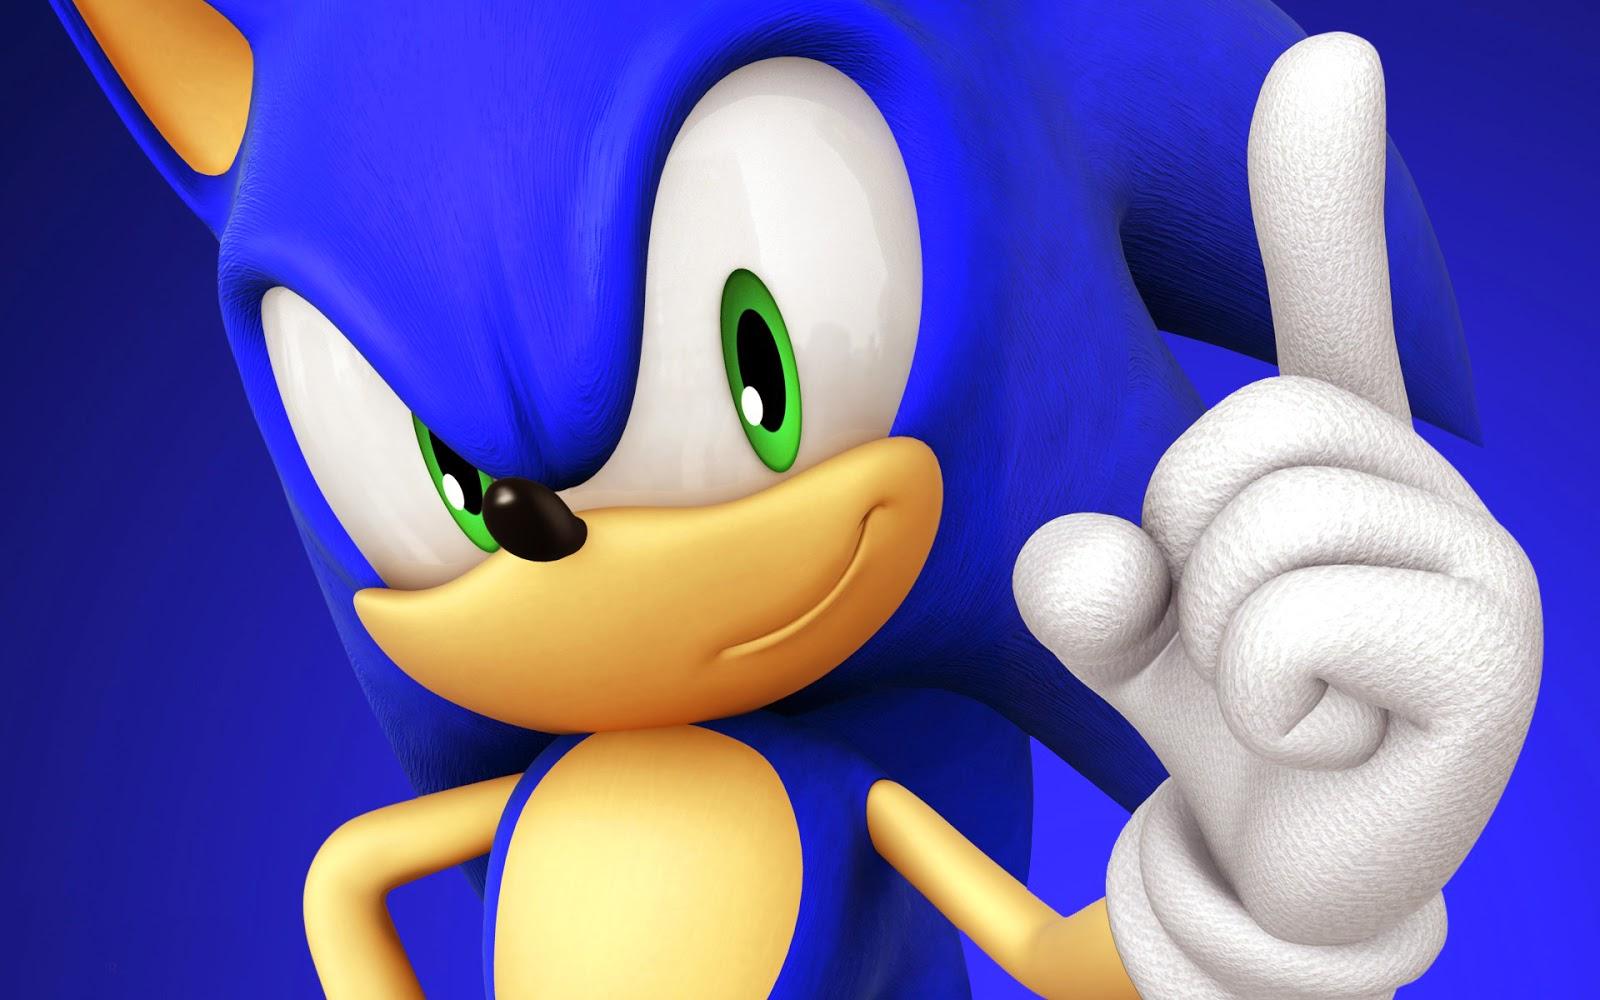 Sonic Wallpaper Atau DP BBM HD Khusus Android 2015